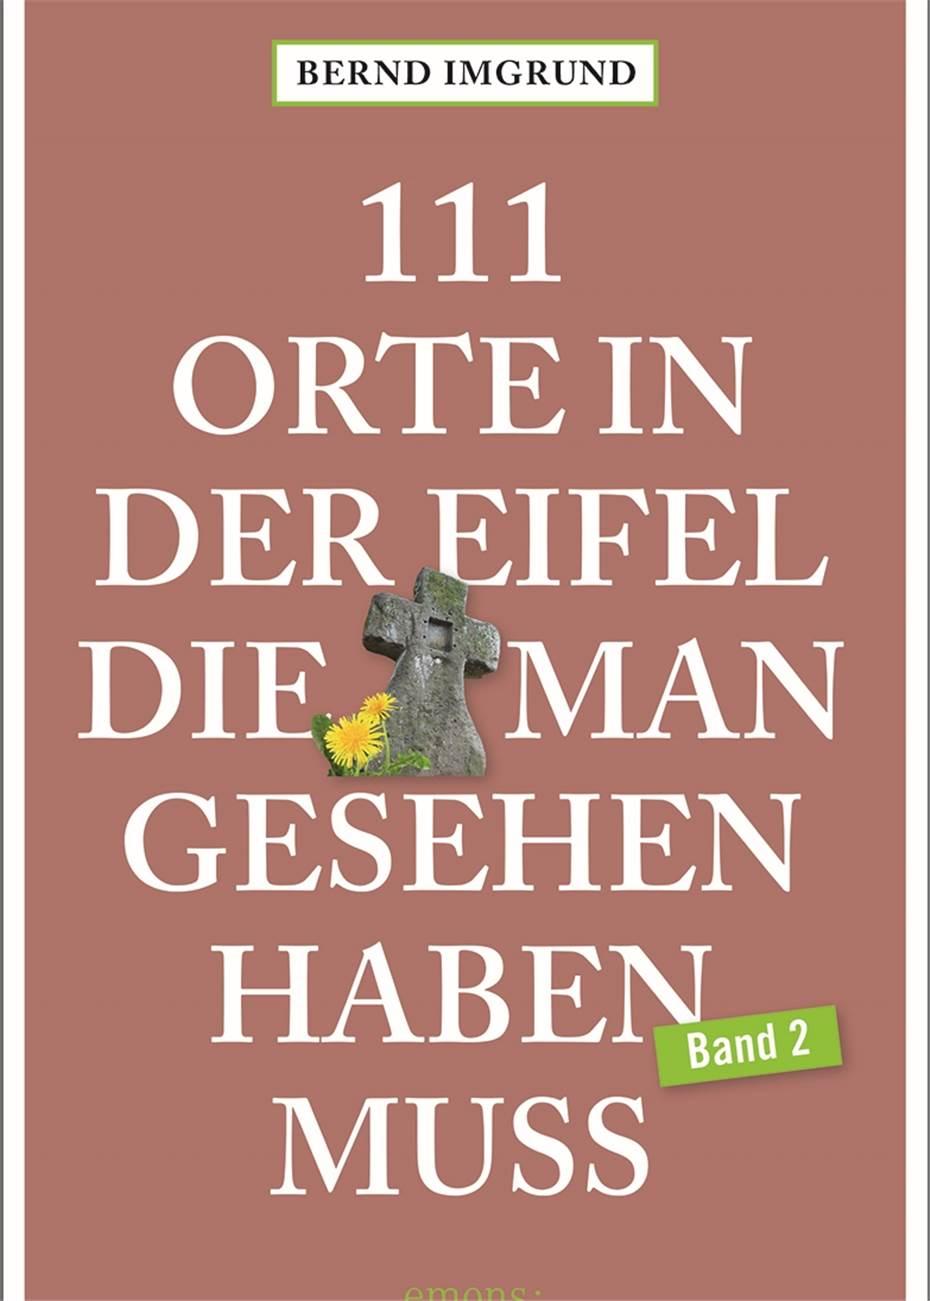 """20 Orte in der Eifel, die man gesehen haben muss"""""""